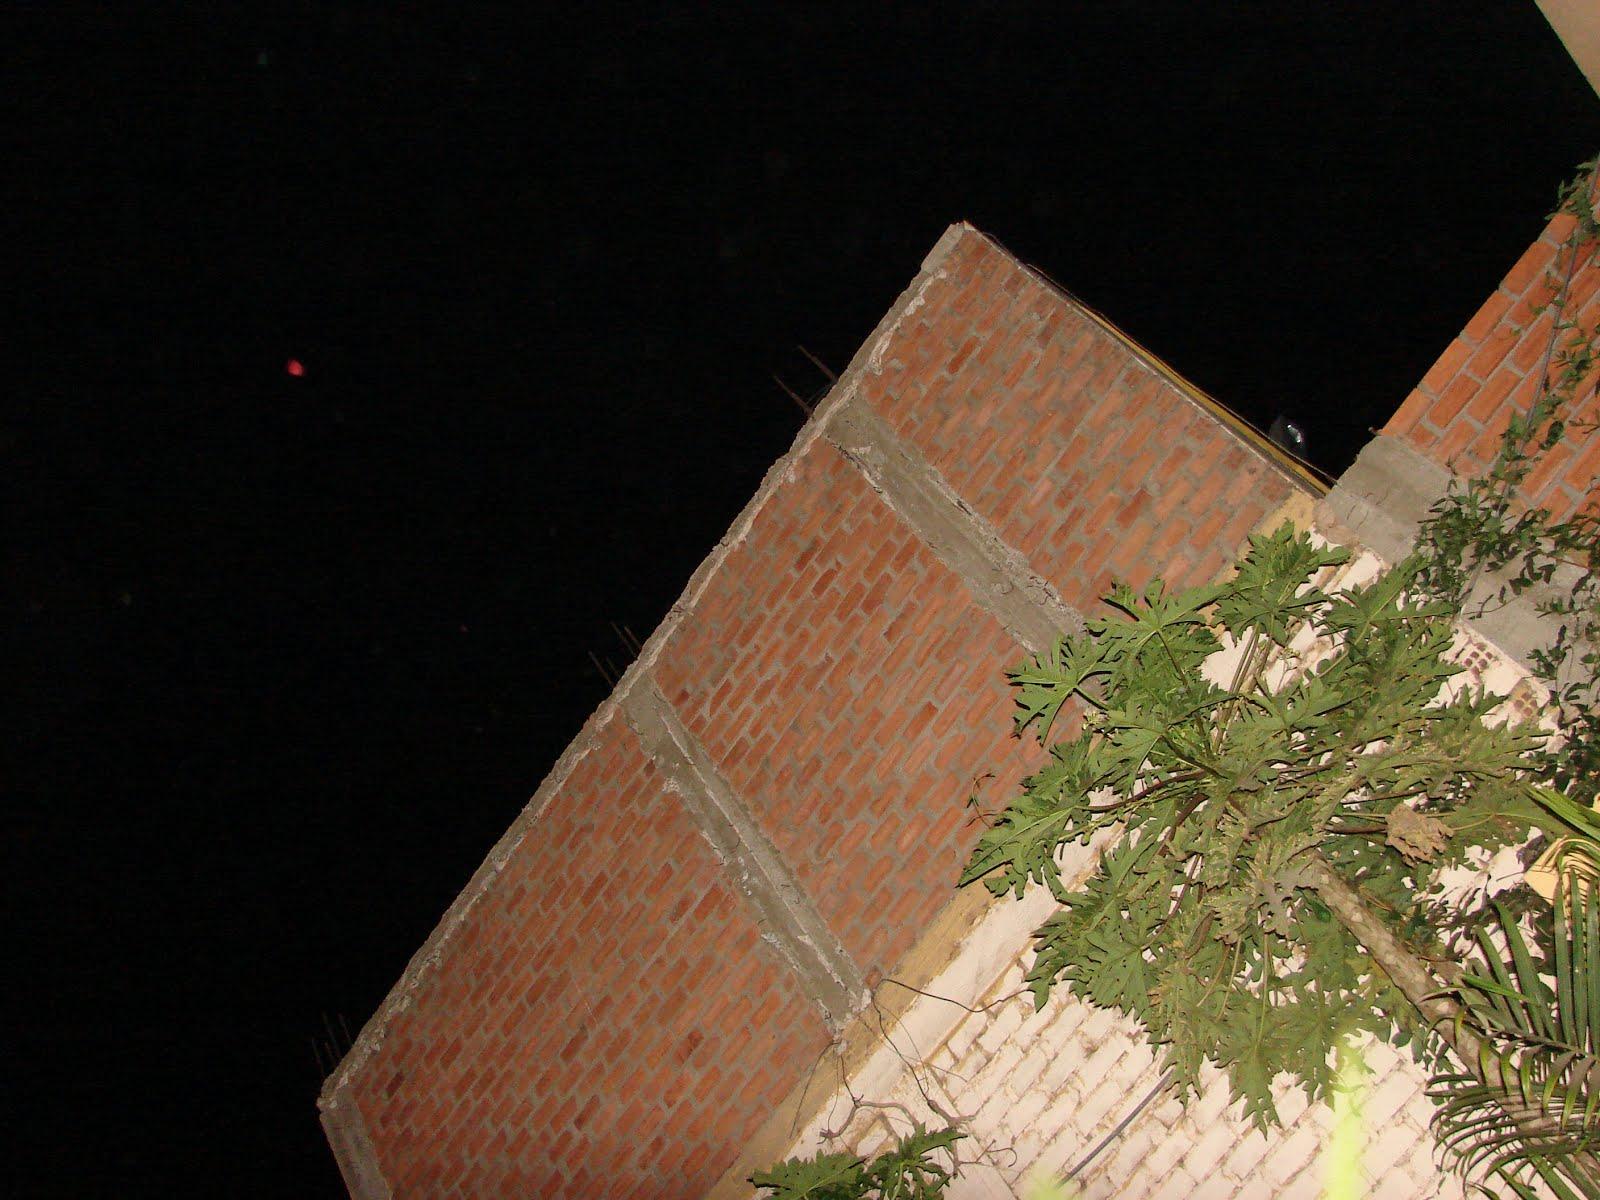 ALERTAS-11-12-13-144-15-16-diciembre-2012 avistamiento ovni  NIBIRU-PLANETA x-rojo-en Cielo sec UFO